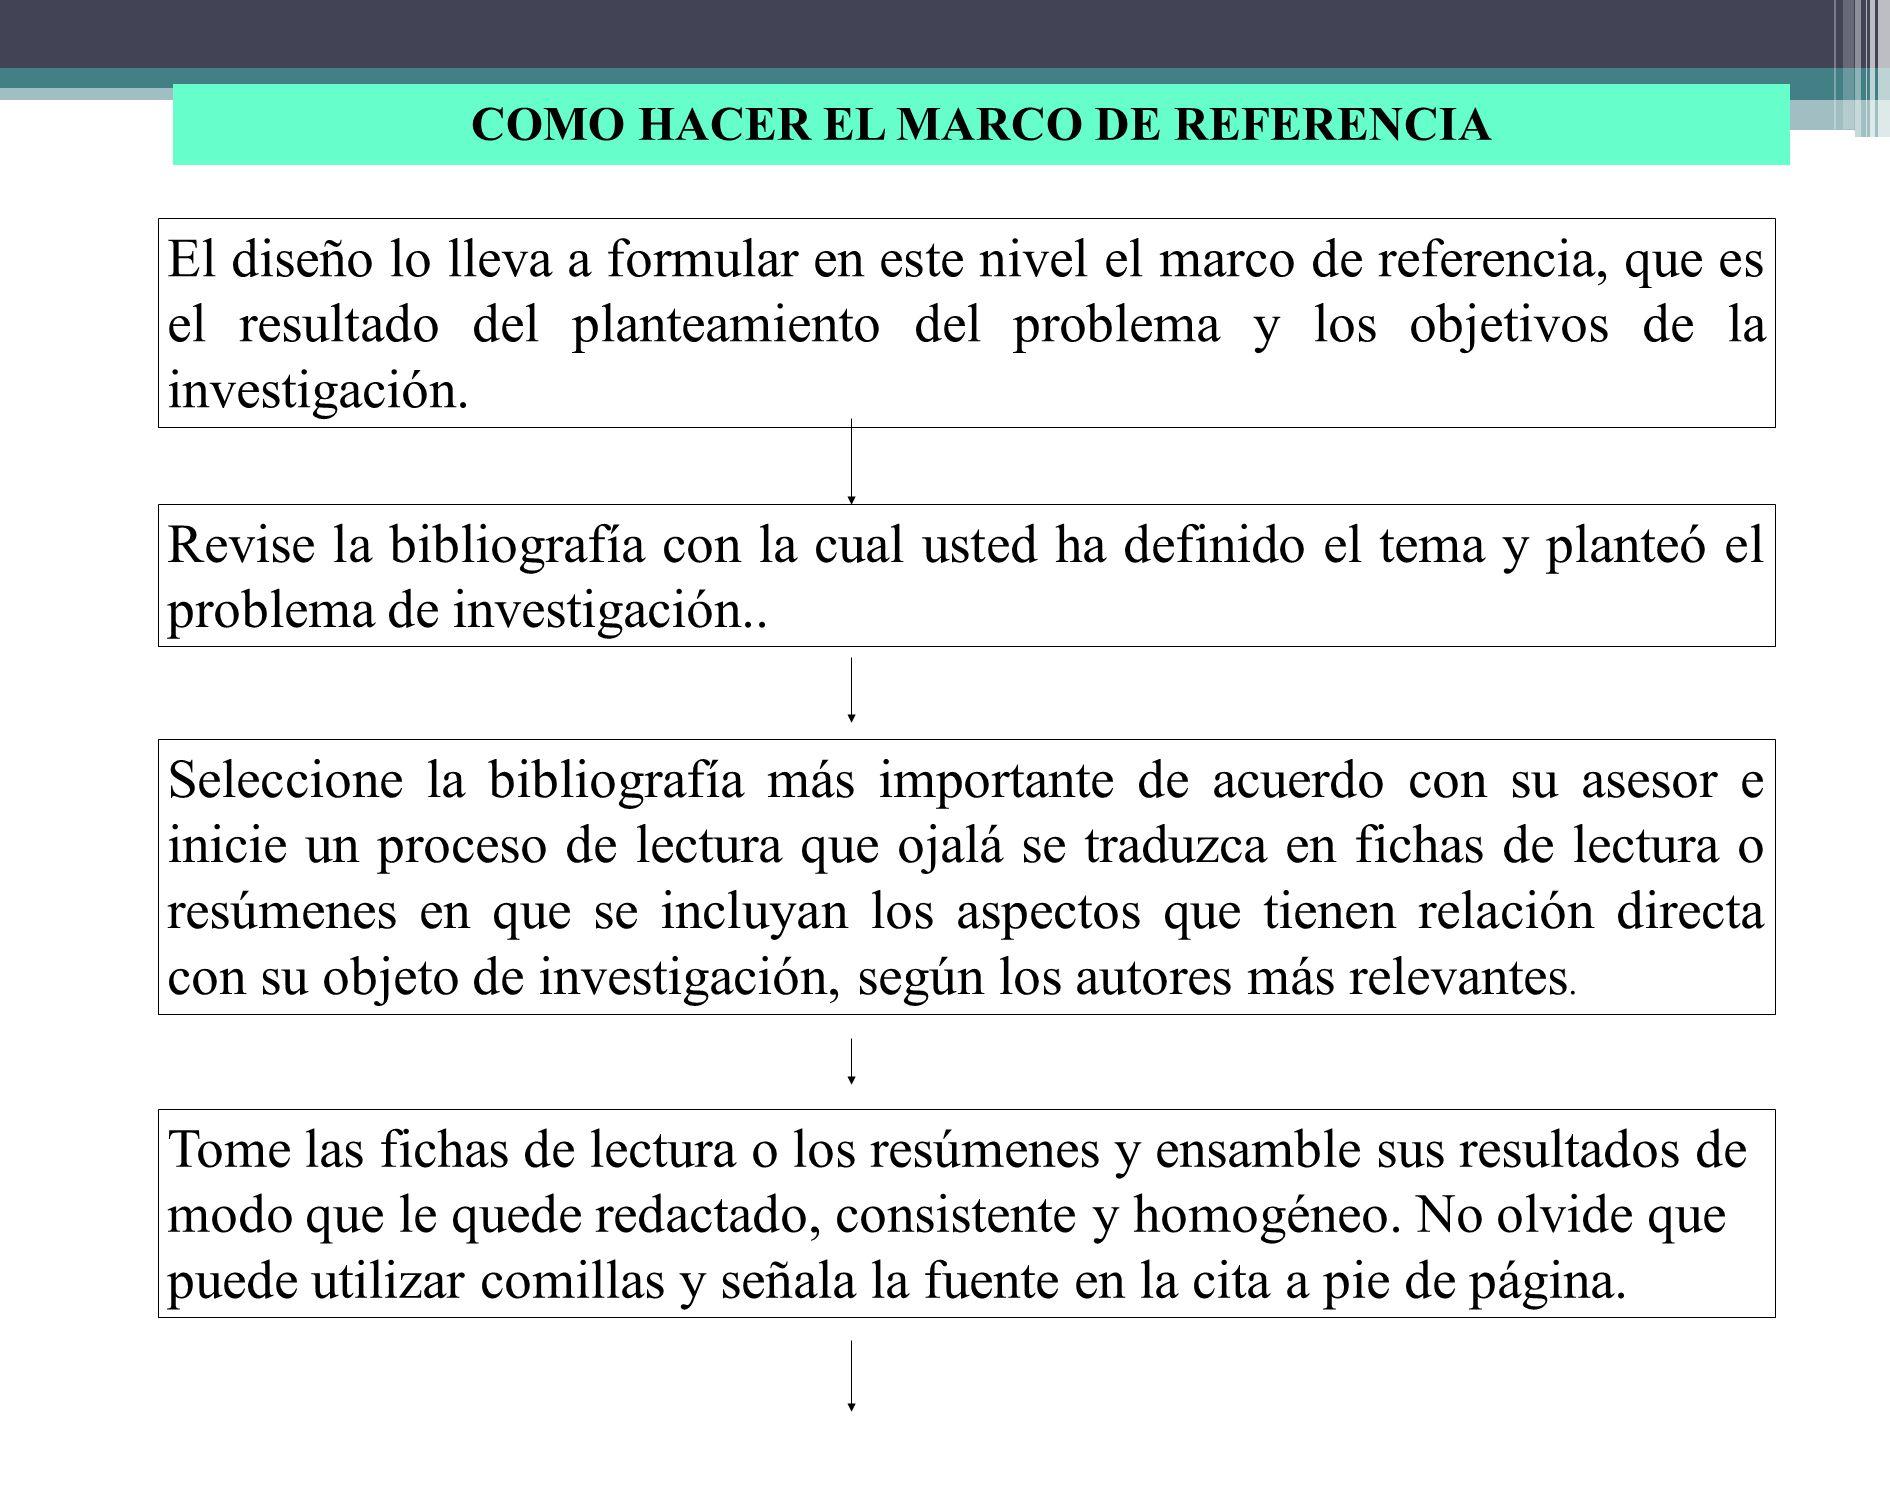 COMO HACER EL MARCO DE REFERENCIA